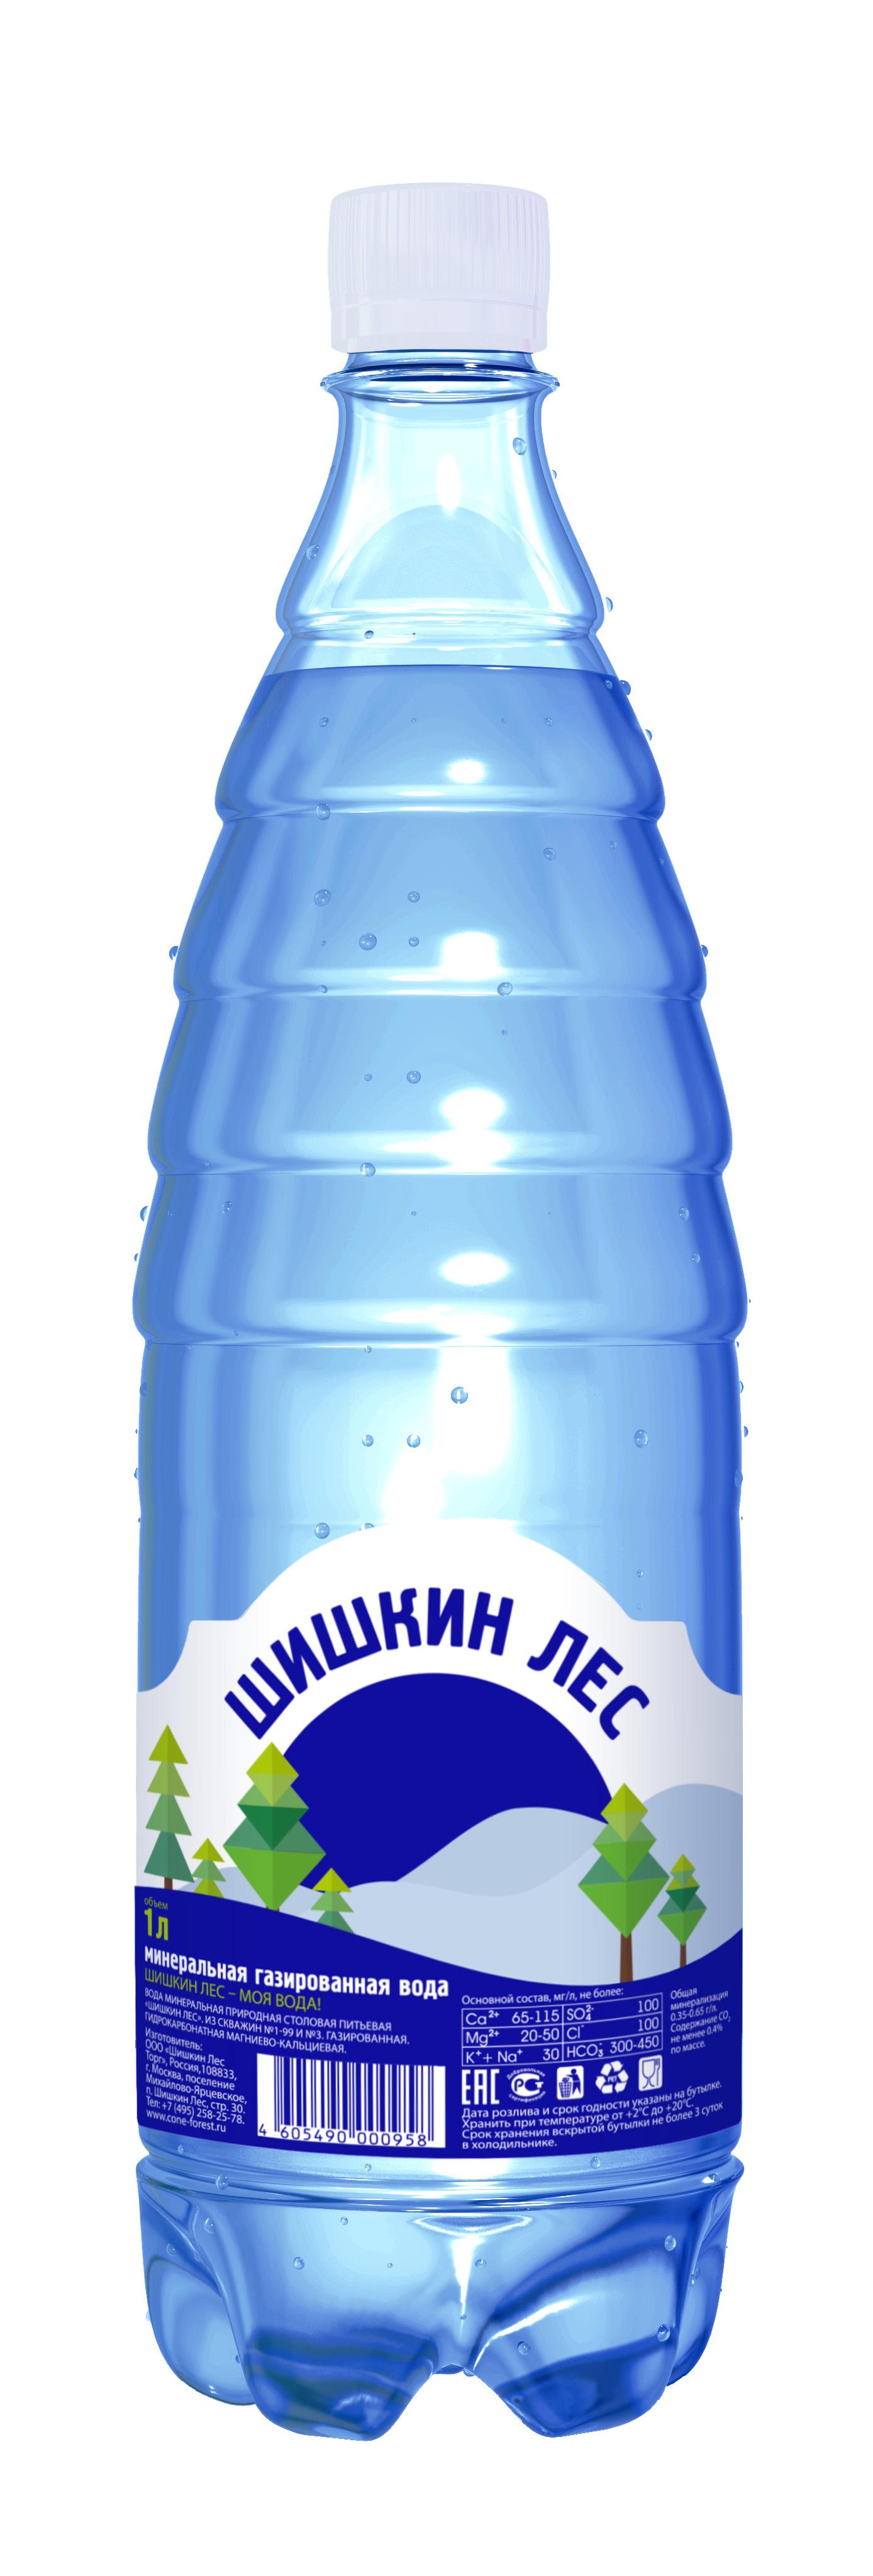 Вода минеральная газированная 1л Шишкин Лес